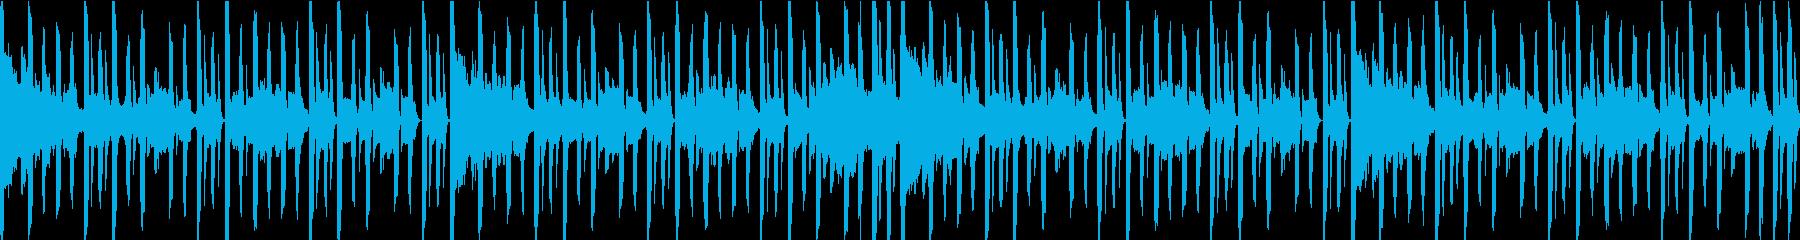 スタイリッシュなBGMループ仕様の再生済みの波形